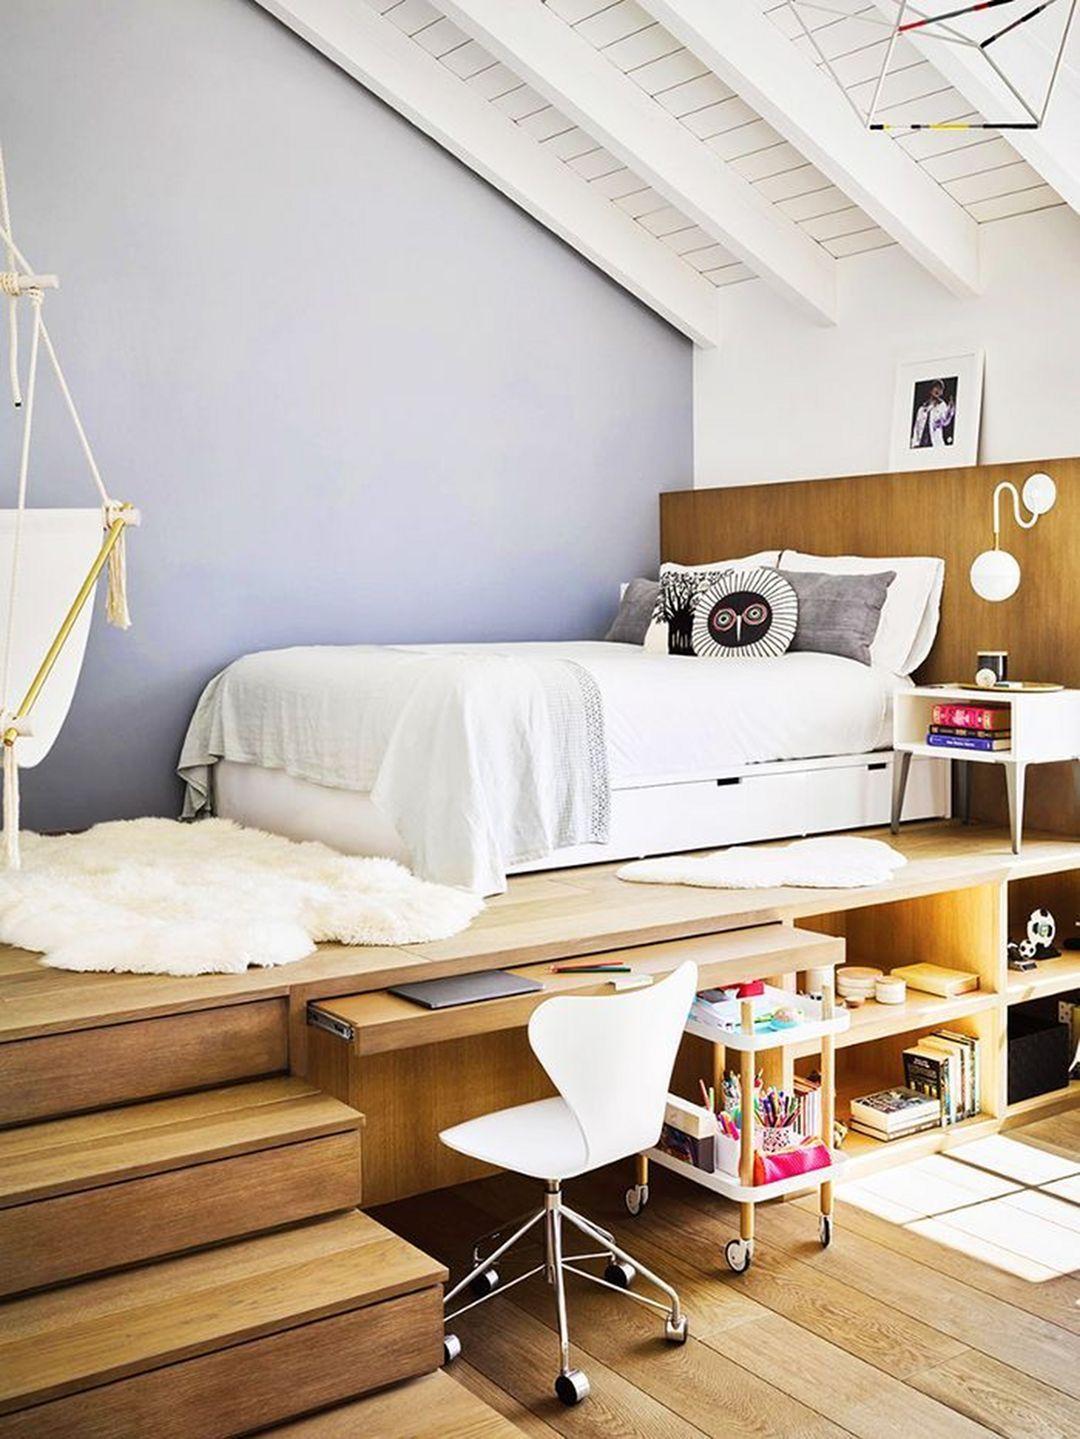 outstanding open loft bedroom designs | 25 Amazing And Beautiful Loft Bedroom Design Ideas for ...